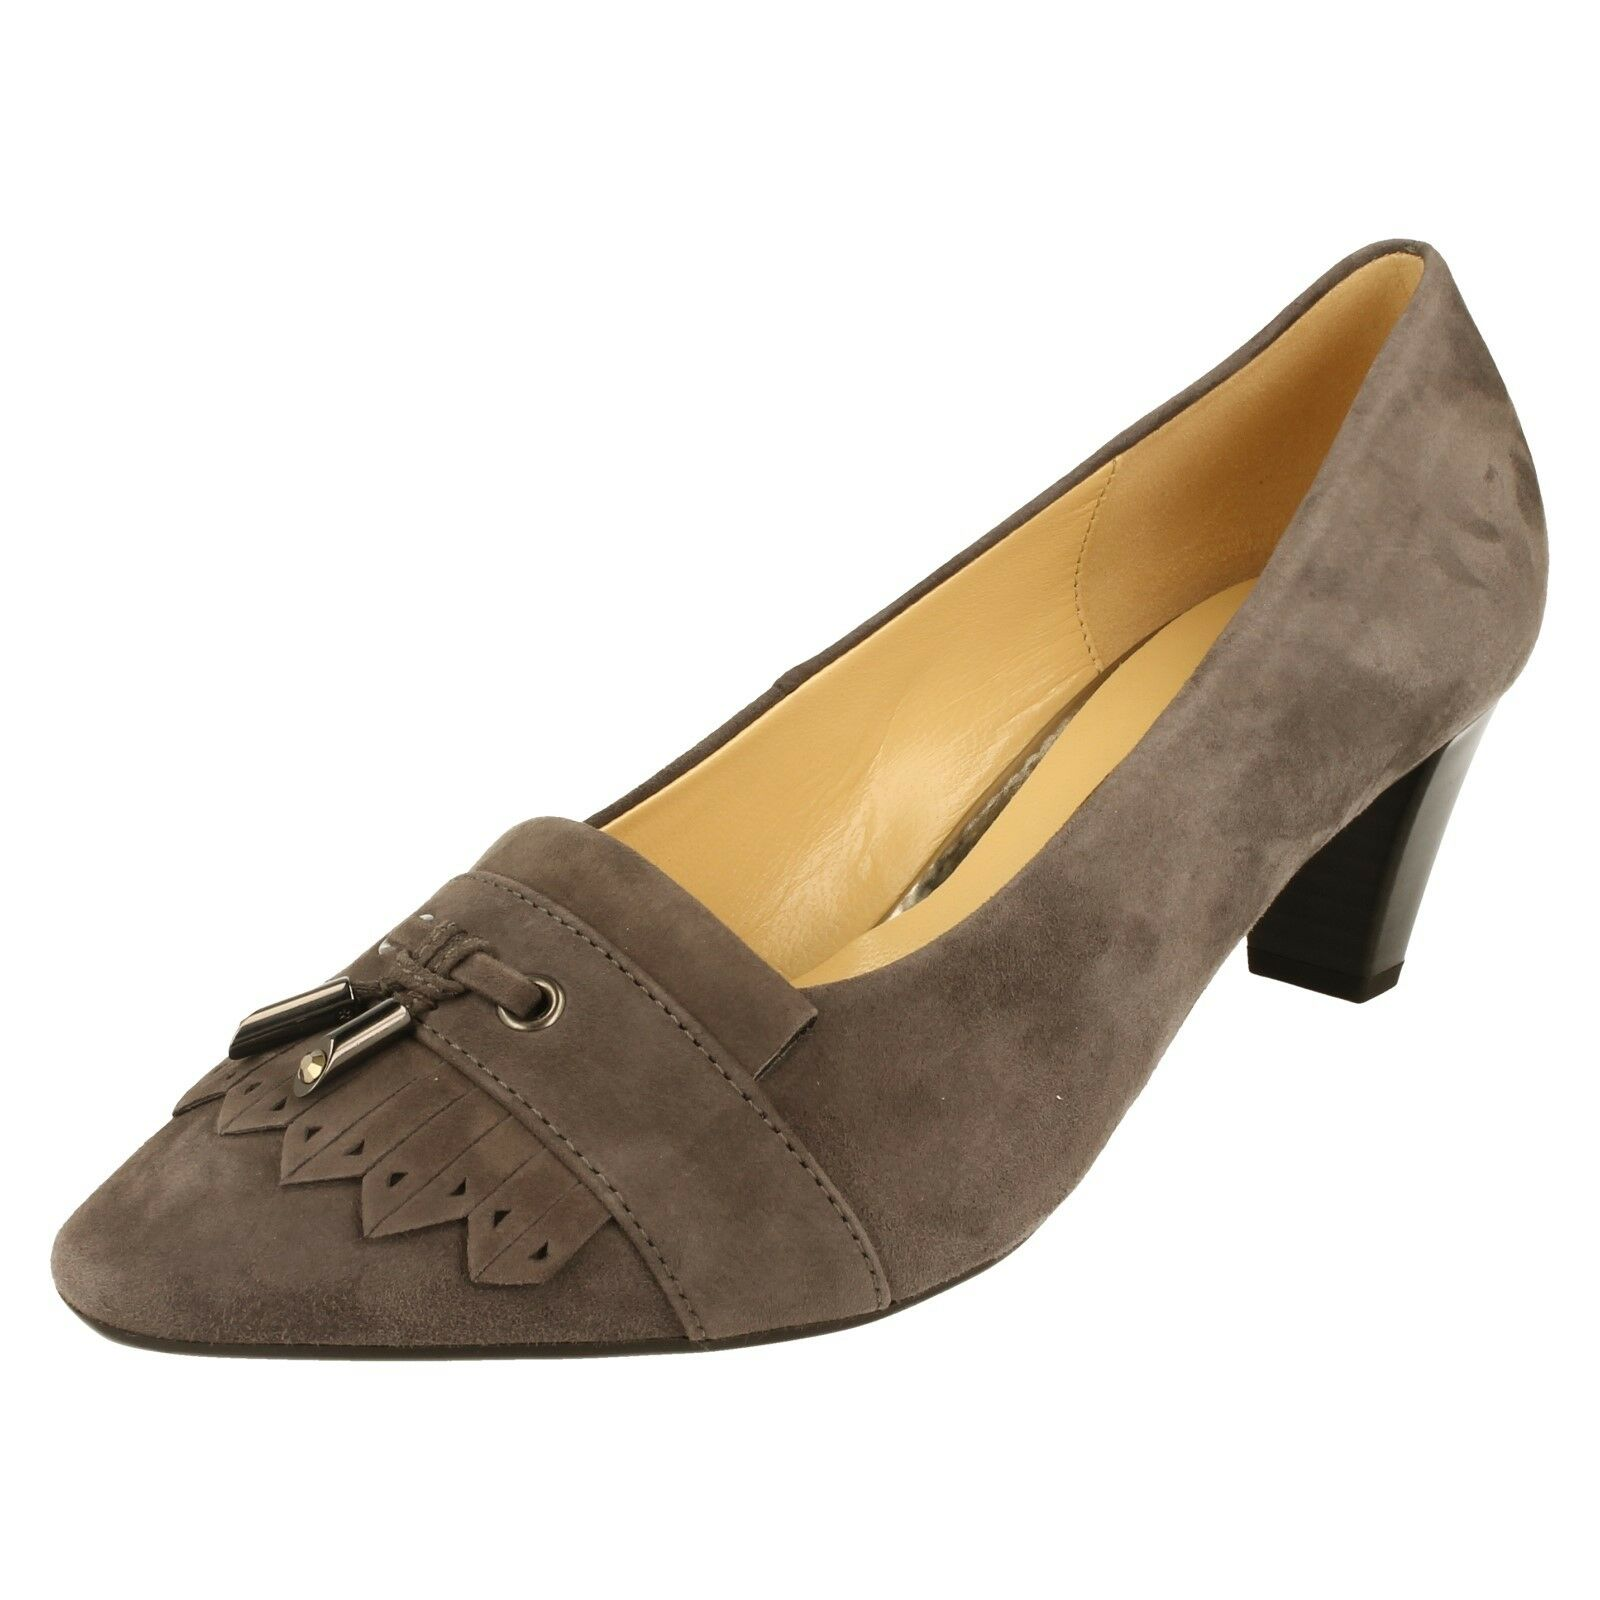 Damen Gabor Schuhe 55.142